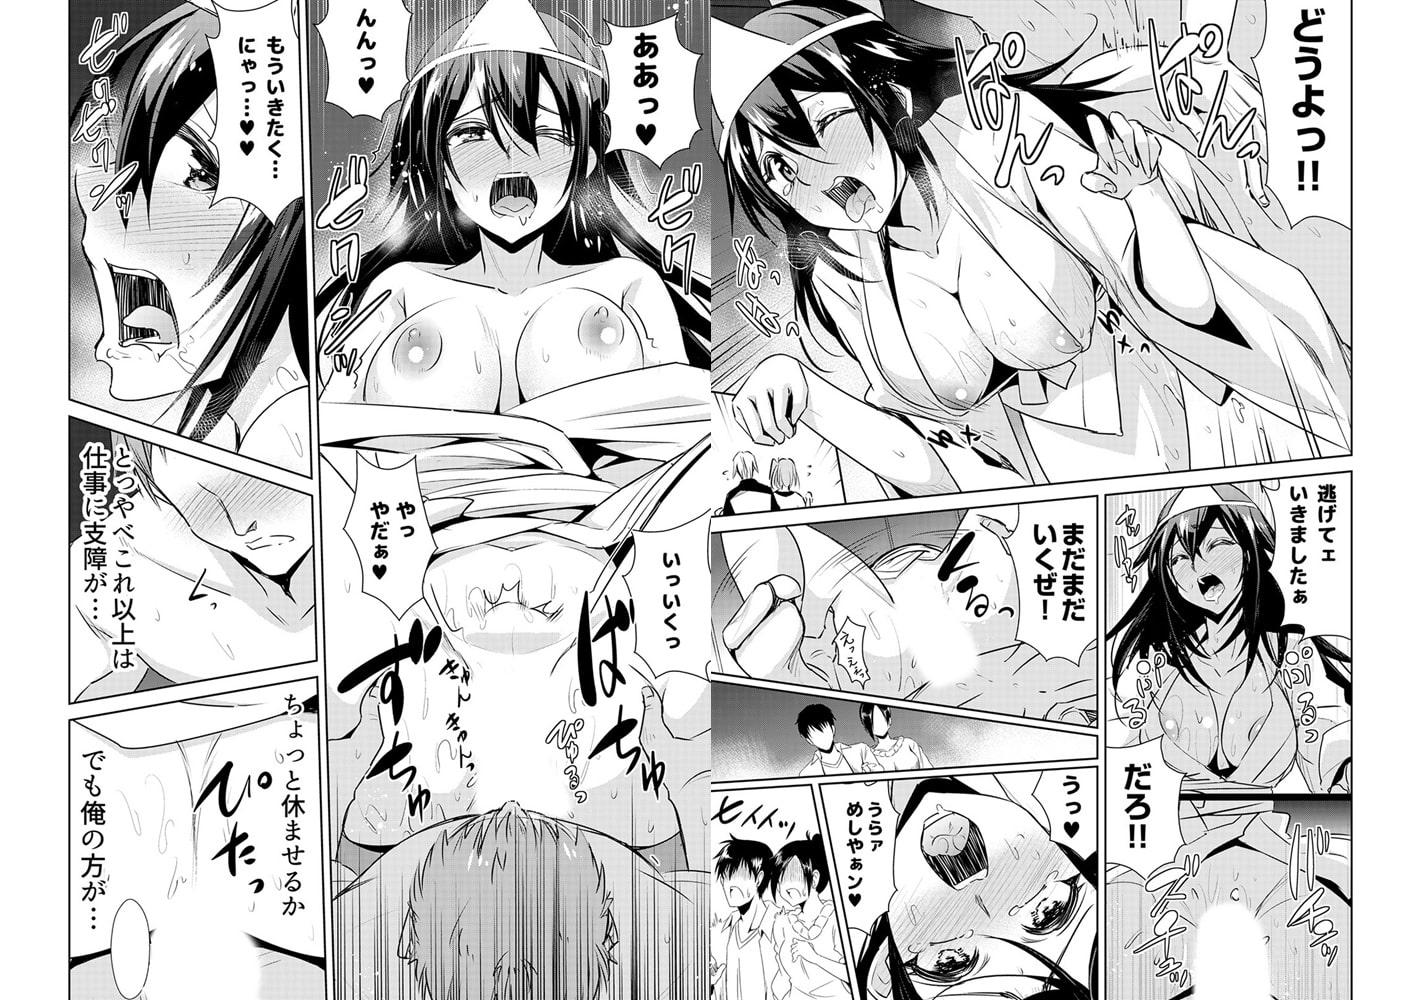 きぐるみインモラル~ナカはダメッ!!~ 第2巻【合本版】